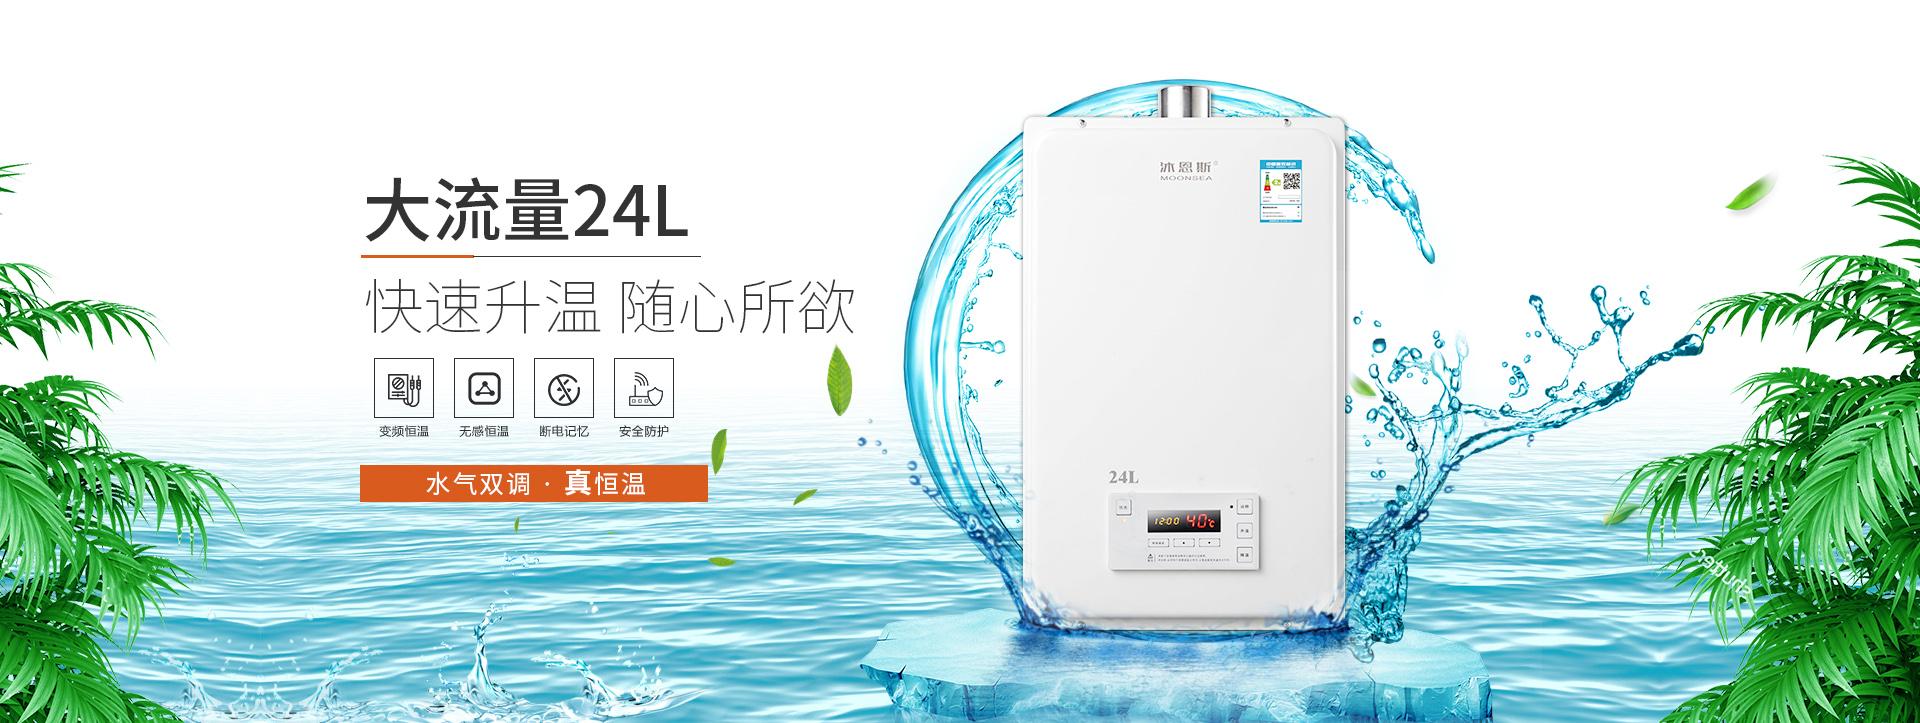 燃气热水器OEM 燃气热水器厂家批发